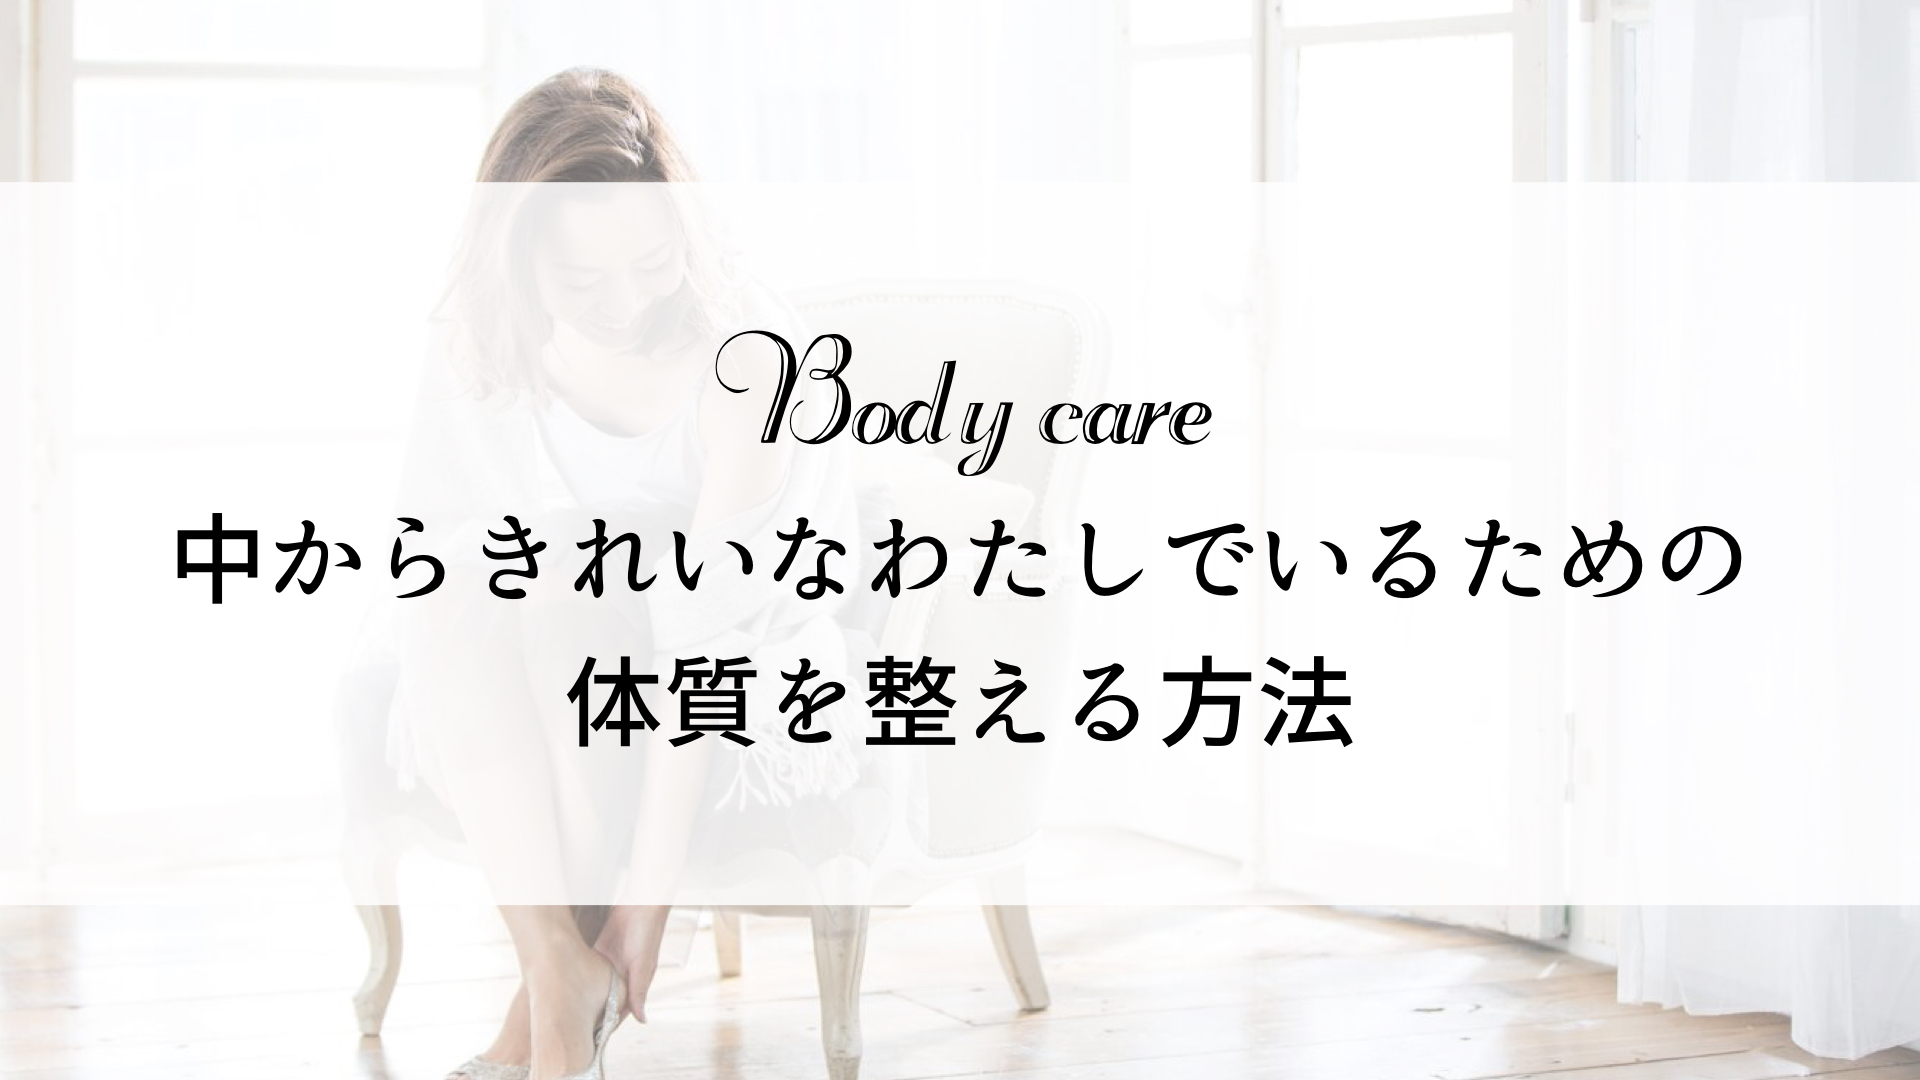 「体質を美しく整える方法」